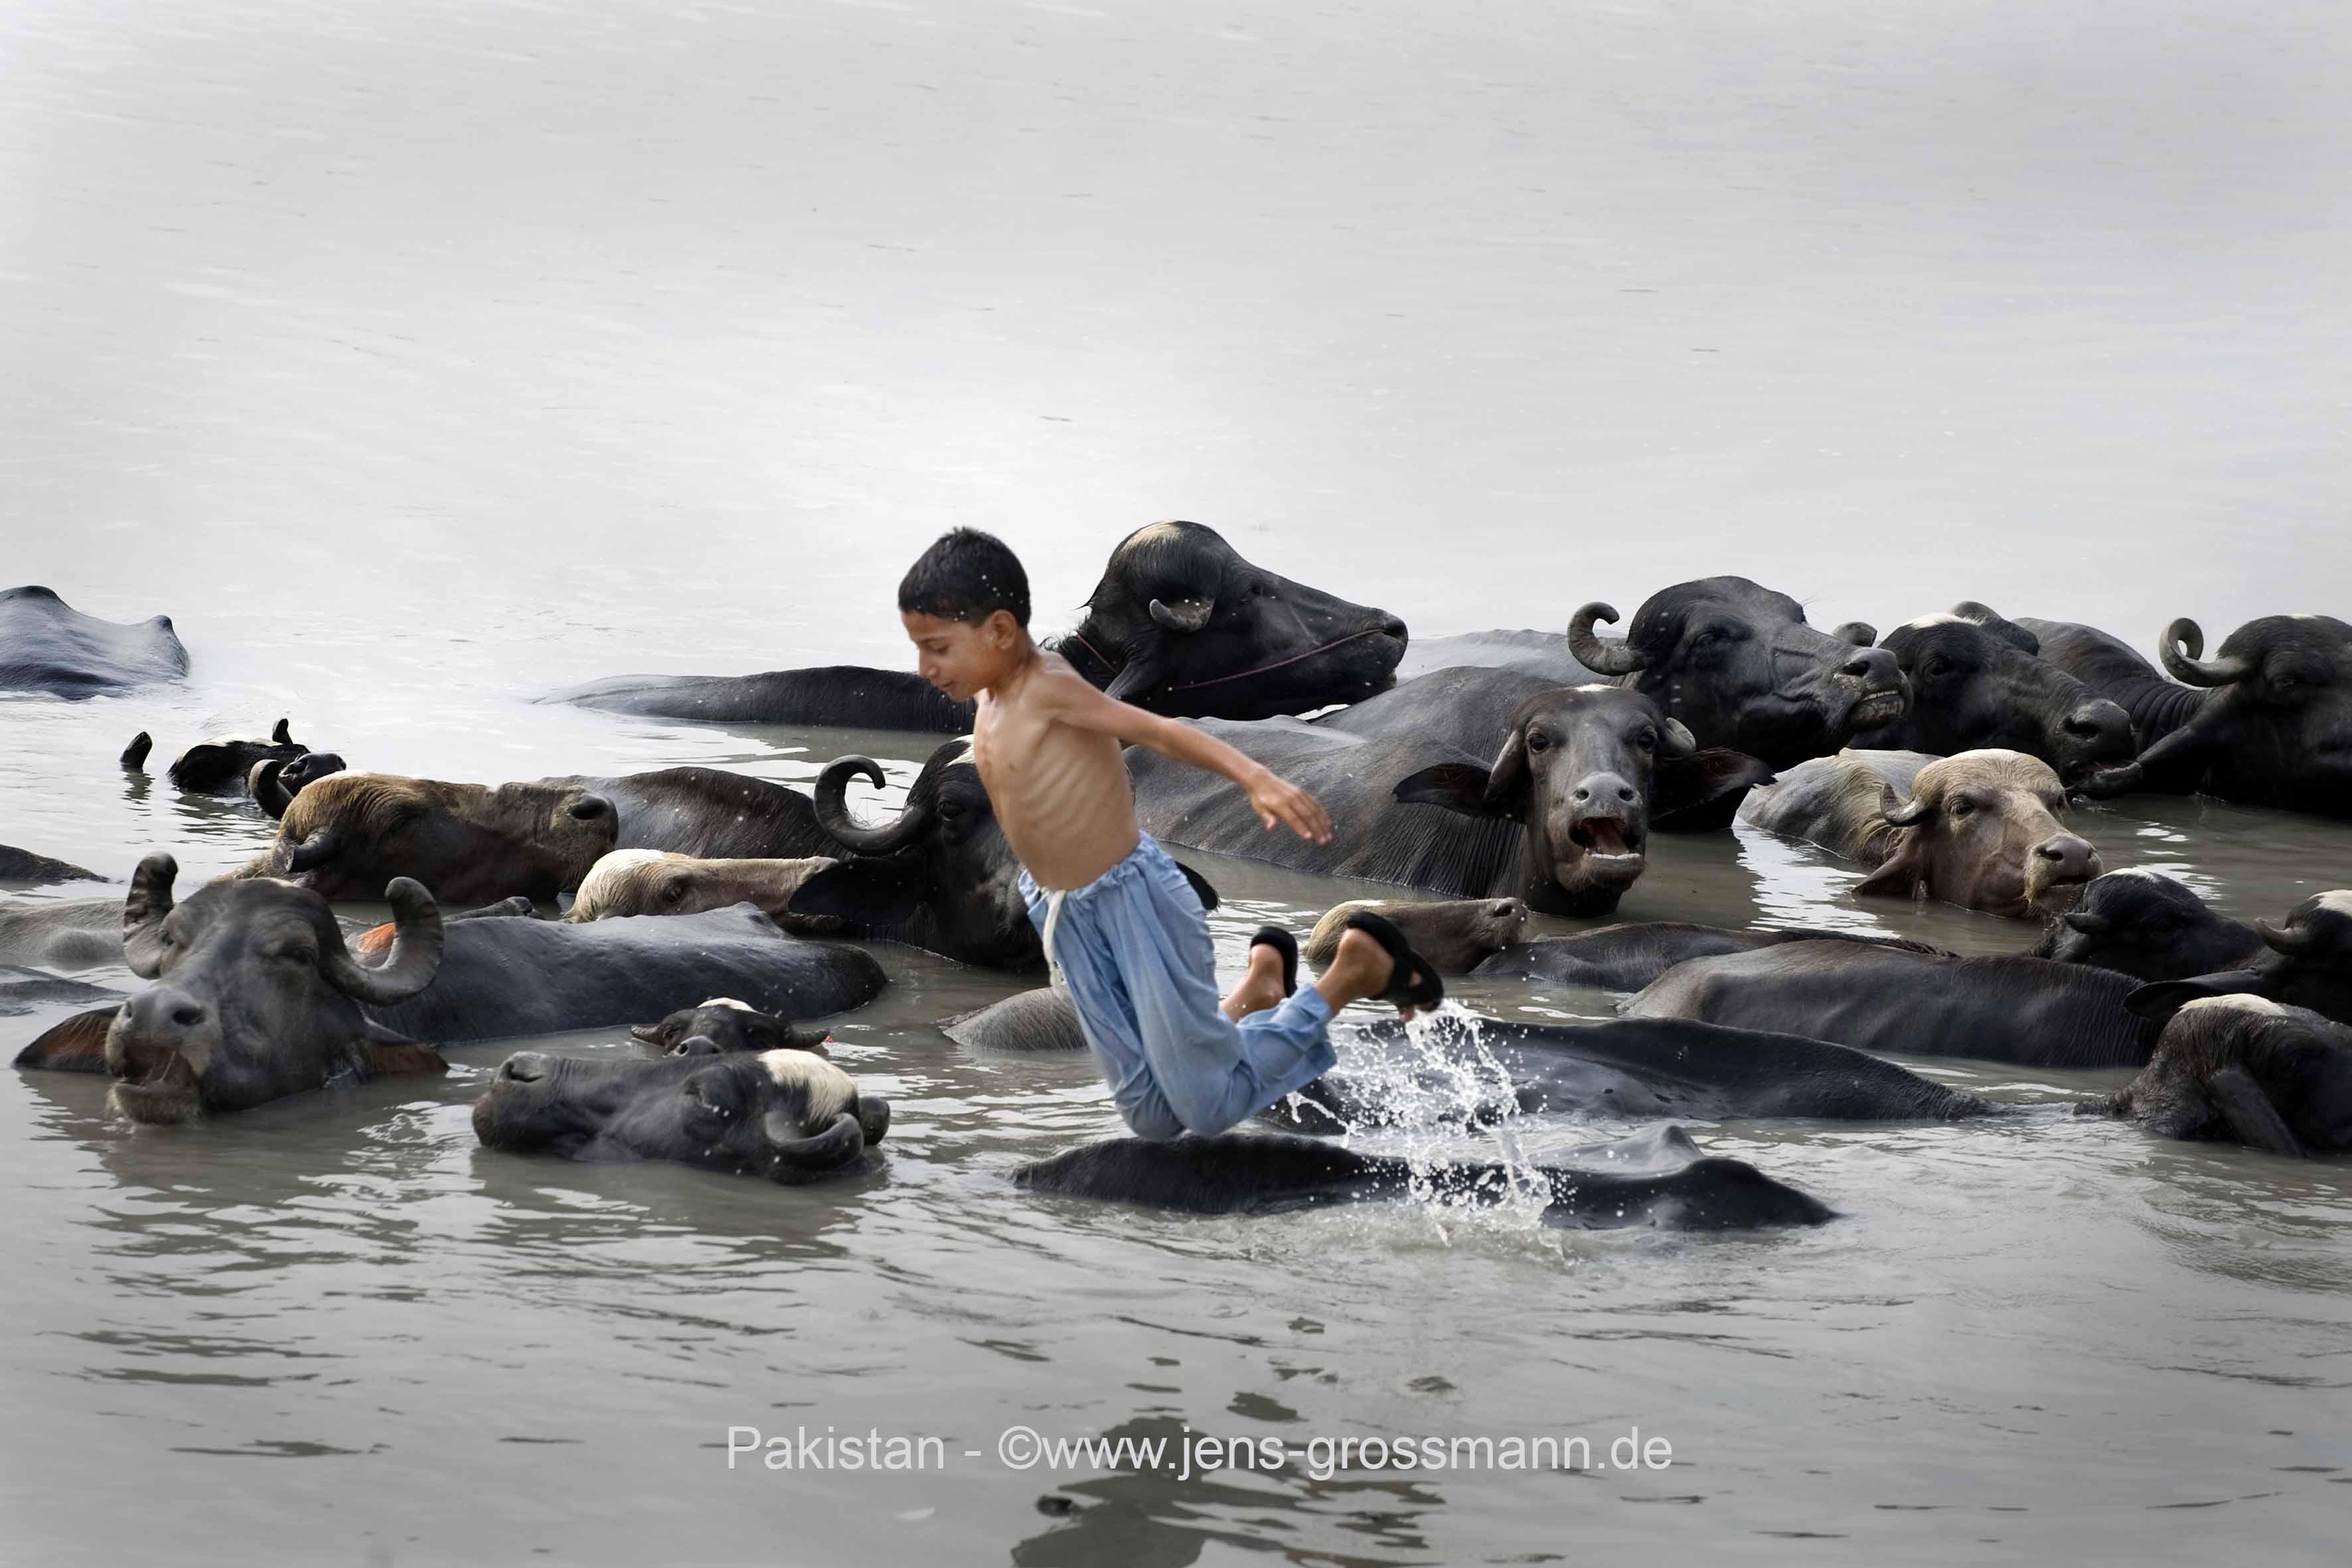 Pakistan, Peshawar, Pir Sabaq, Junge mit Viehherde in Wasser